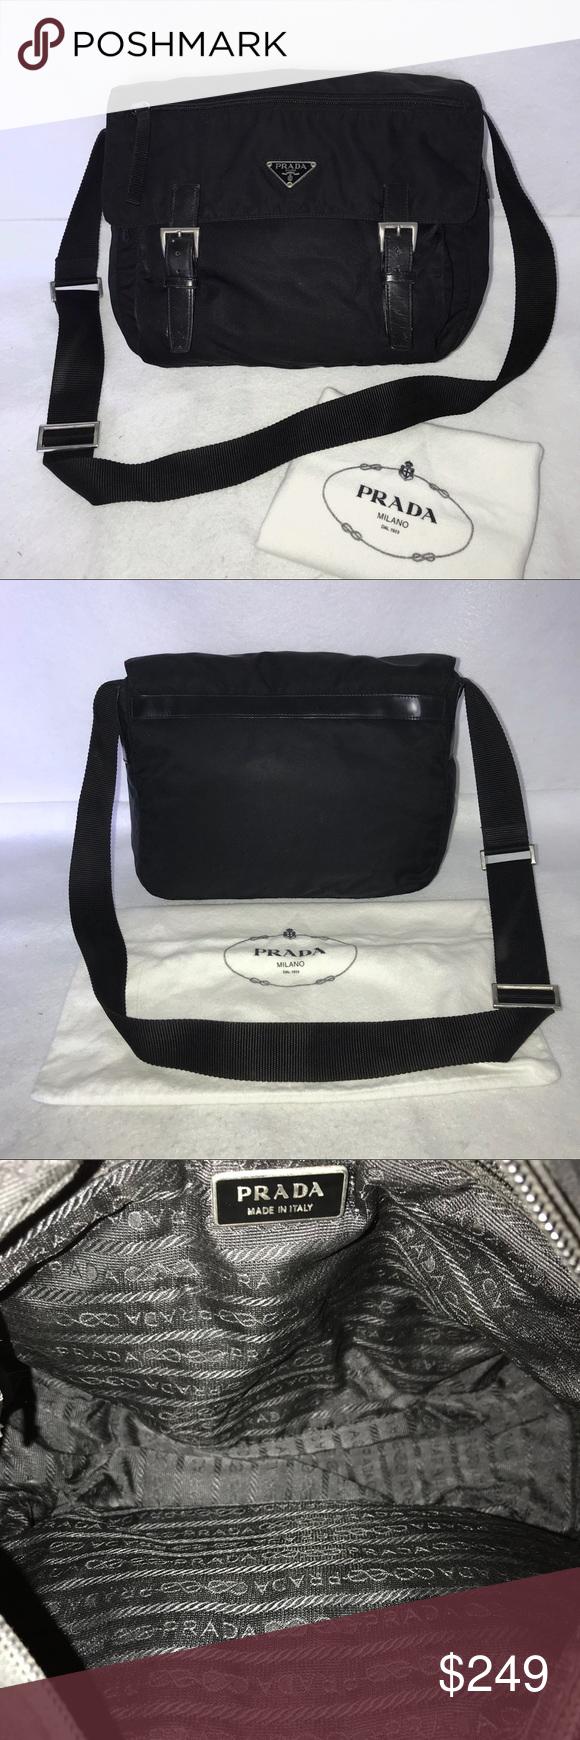 🔥ONE DAY SALE🔥Prada BT0953 Tessuto Messenger Bag 👉TRADE VALUE   400👈 9030e0fd0d